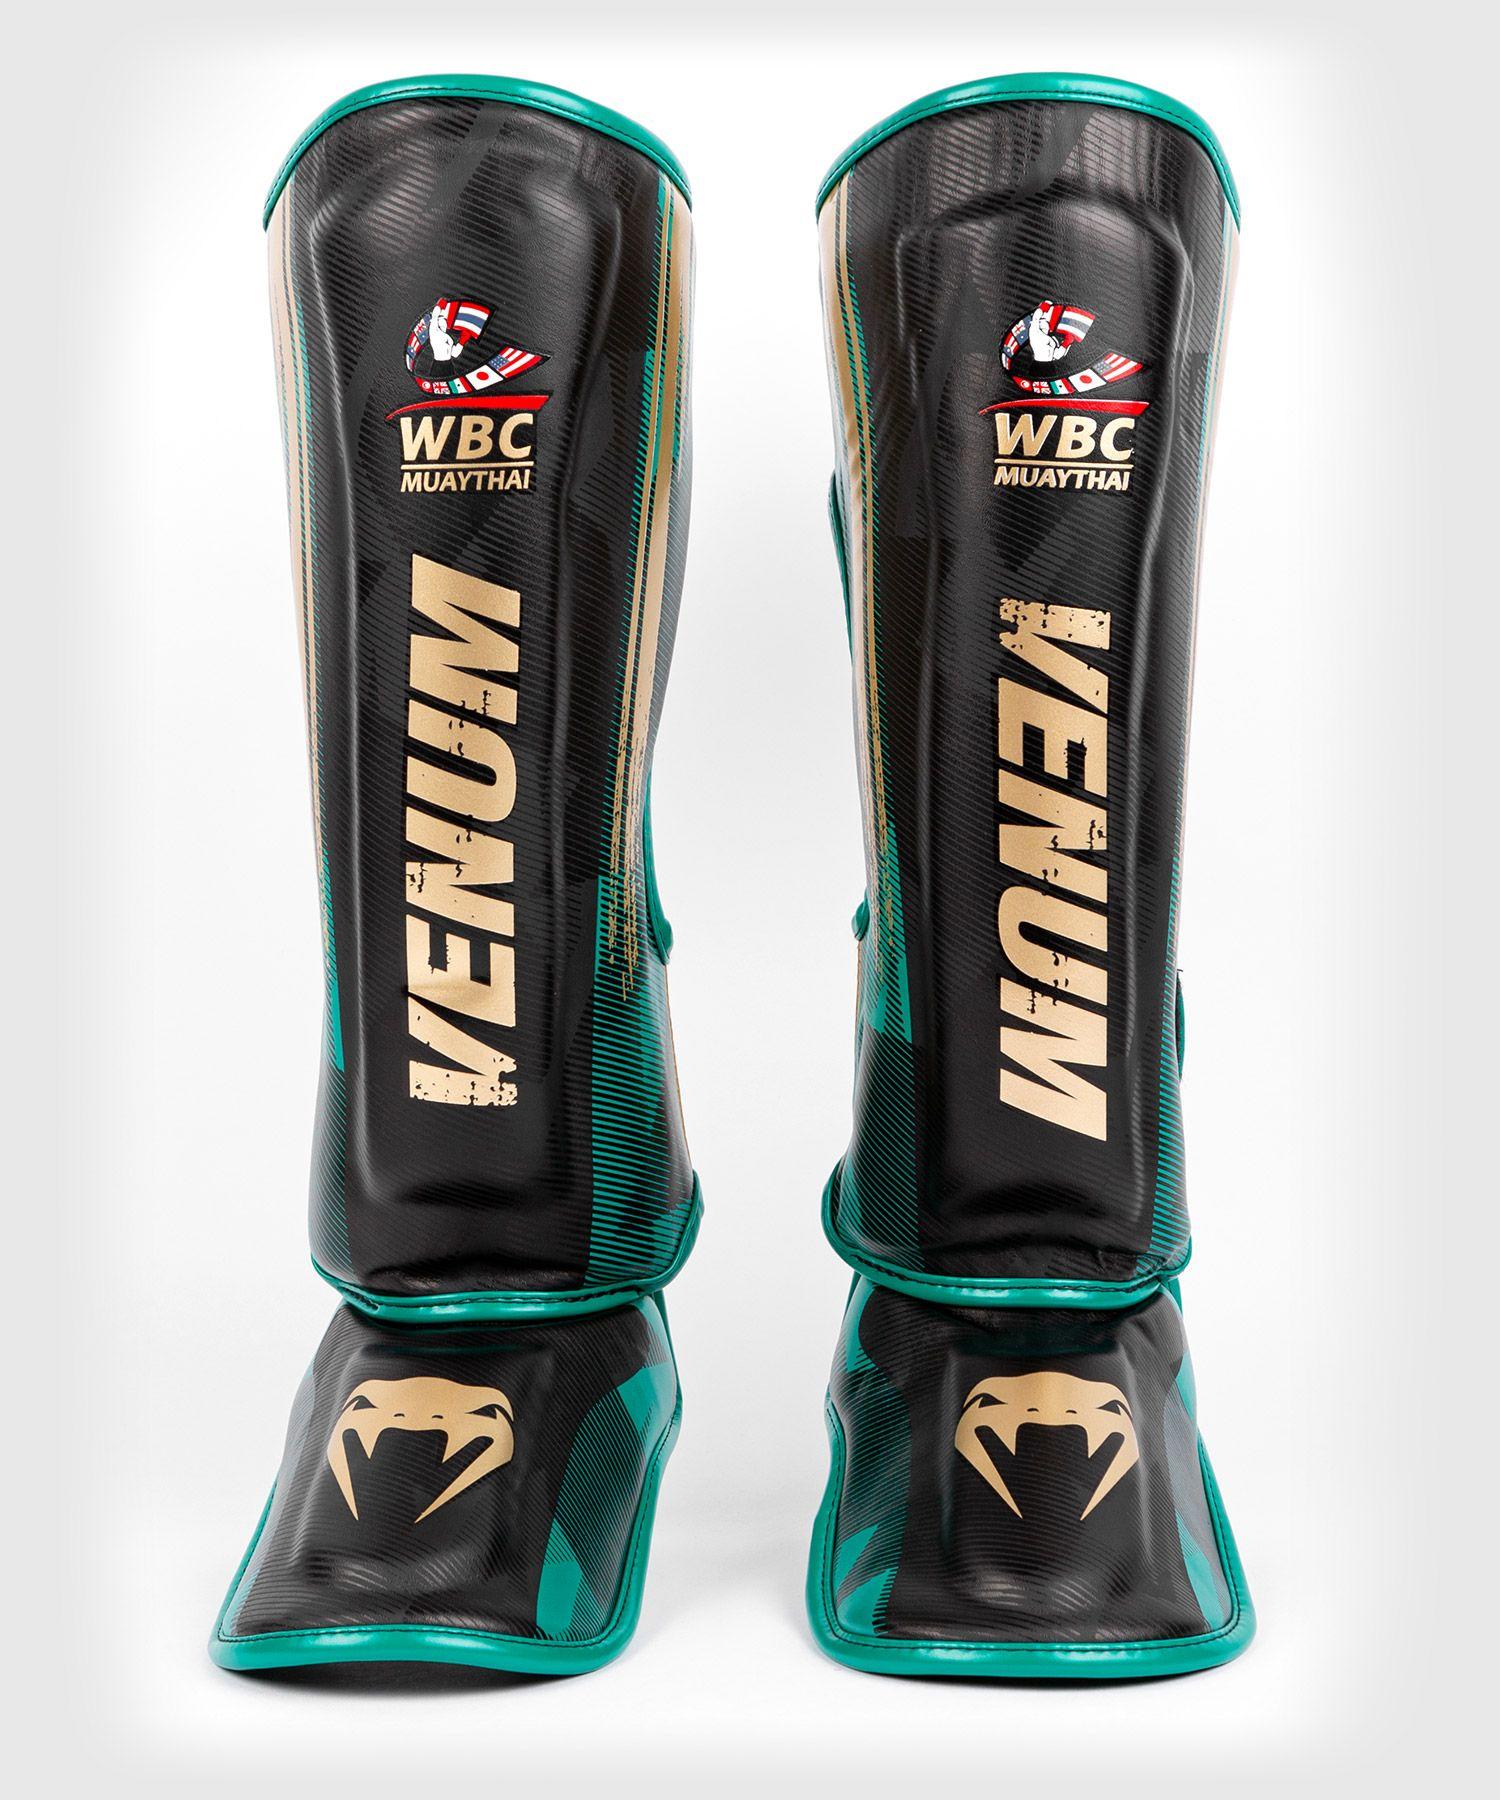 Venum WBC Muay Thai Shinguards - Black/Green